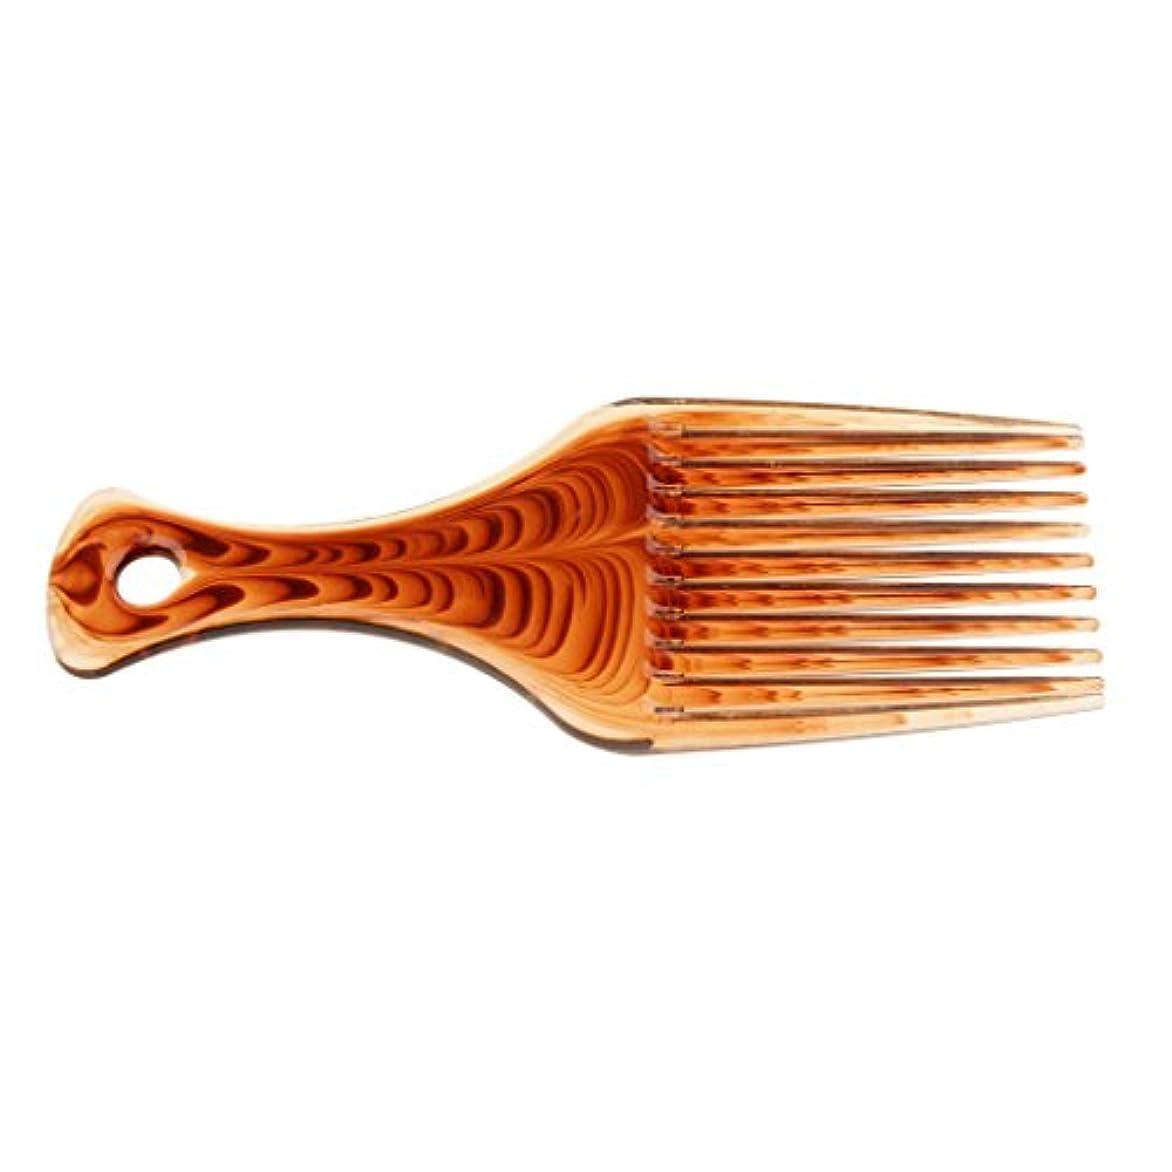 性交必要条件ペグPerfk ヘアブラシ 髪の櫛 プラスチック製 サロン バリバー アフロ ヘアピック ブラシ 櫛